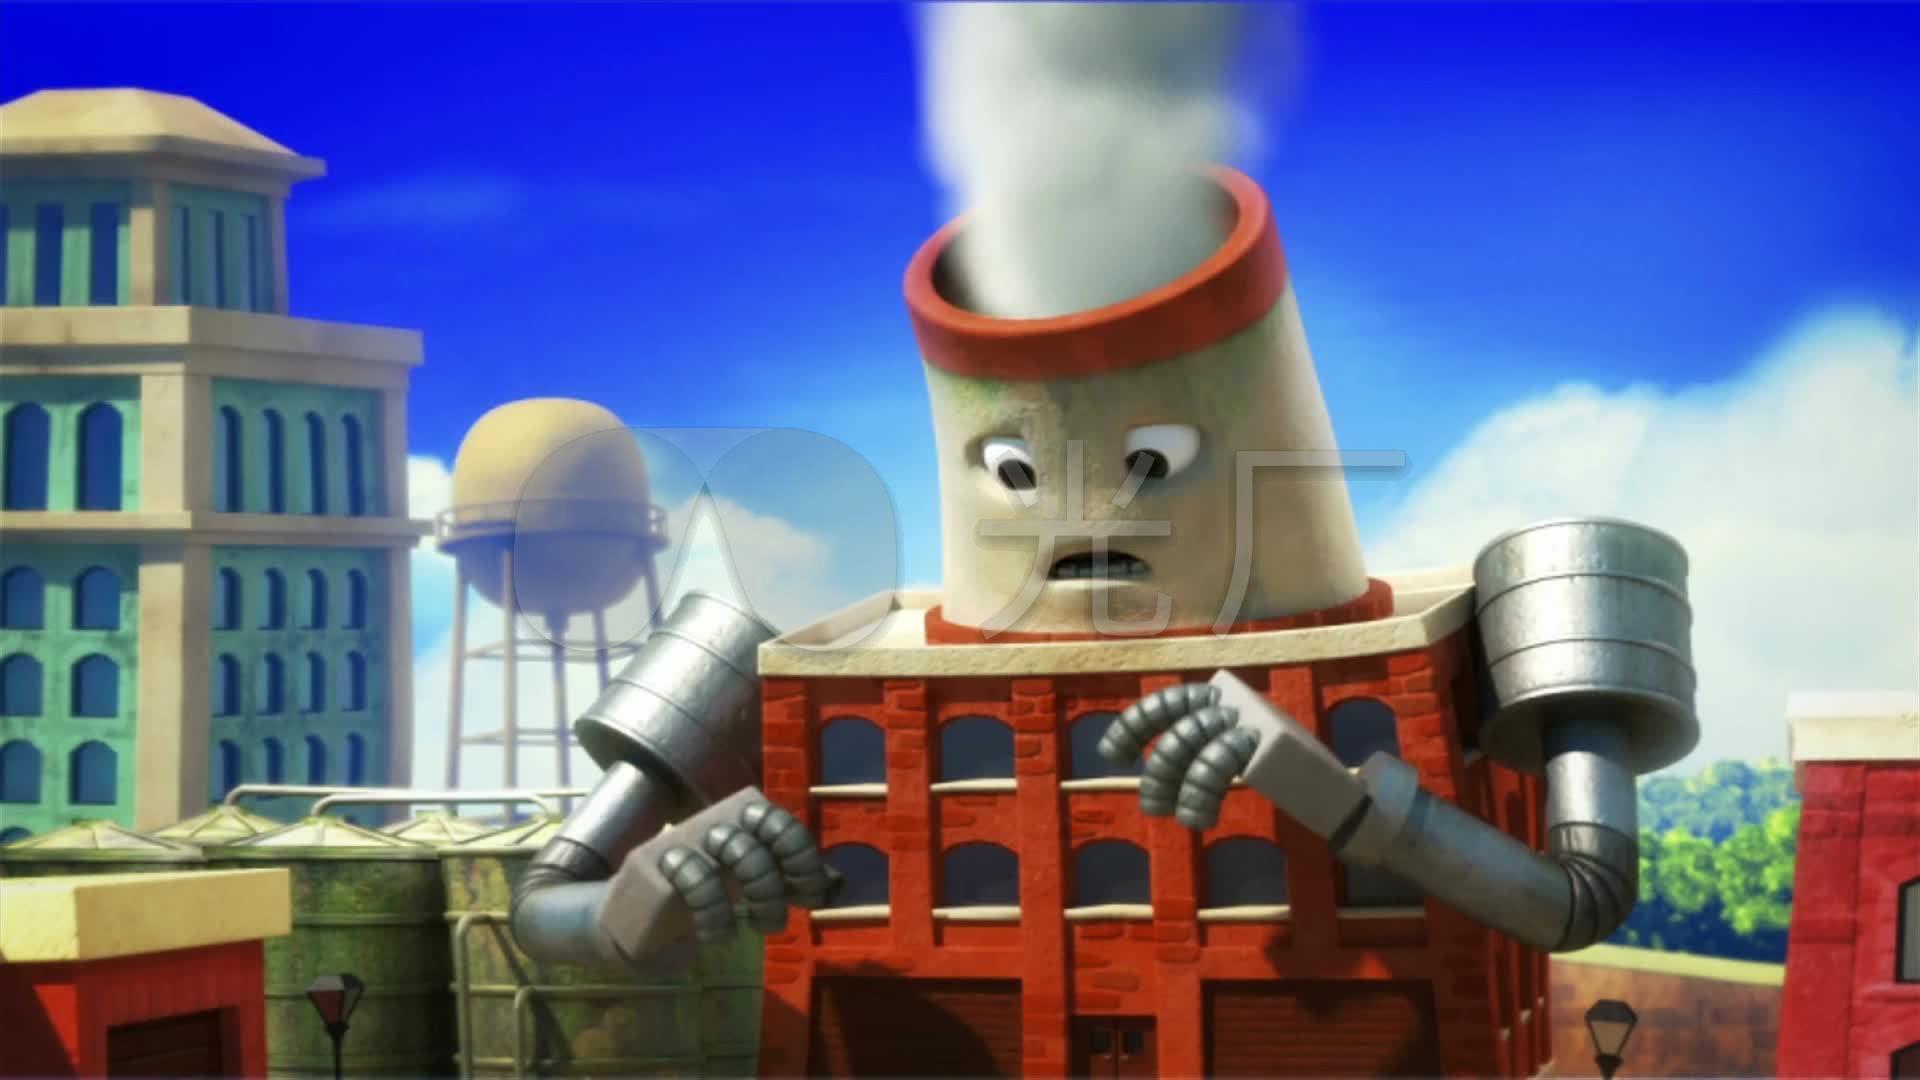 环境污染动画短片_1920X1080_高清视频素材